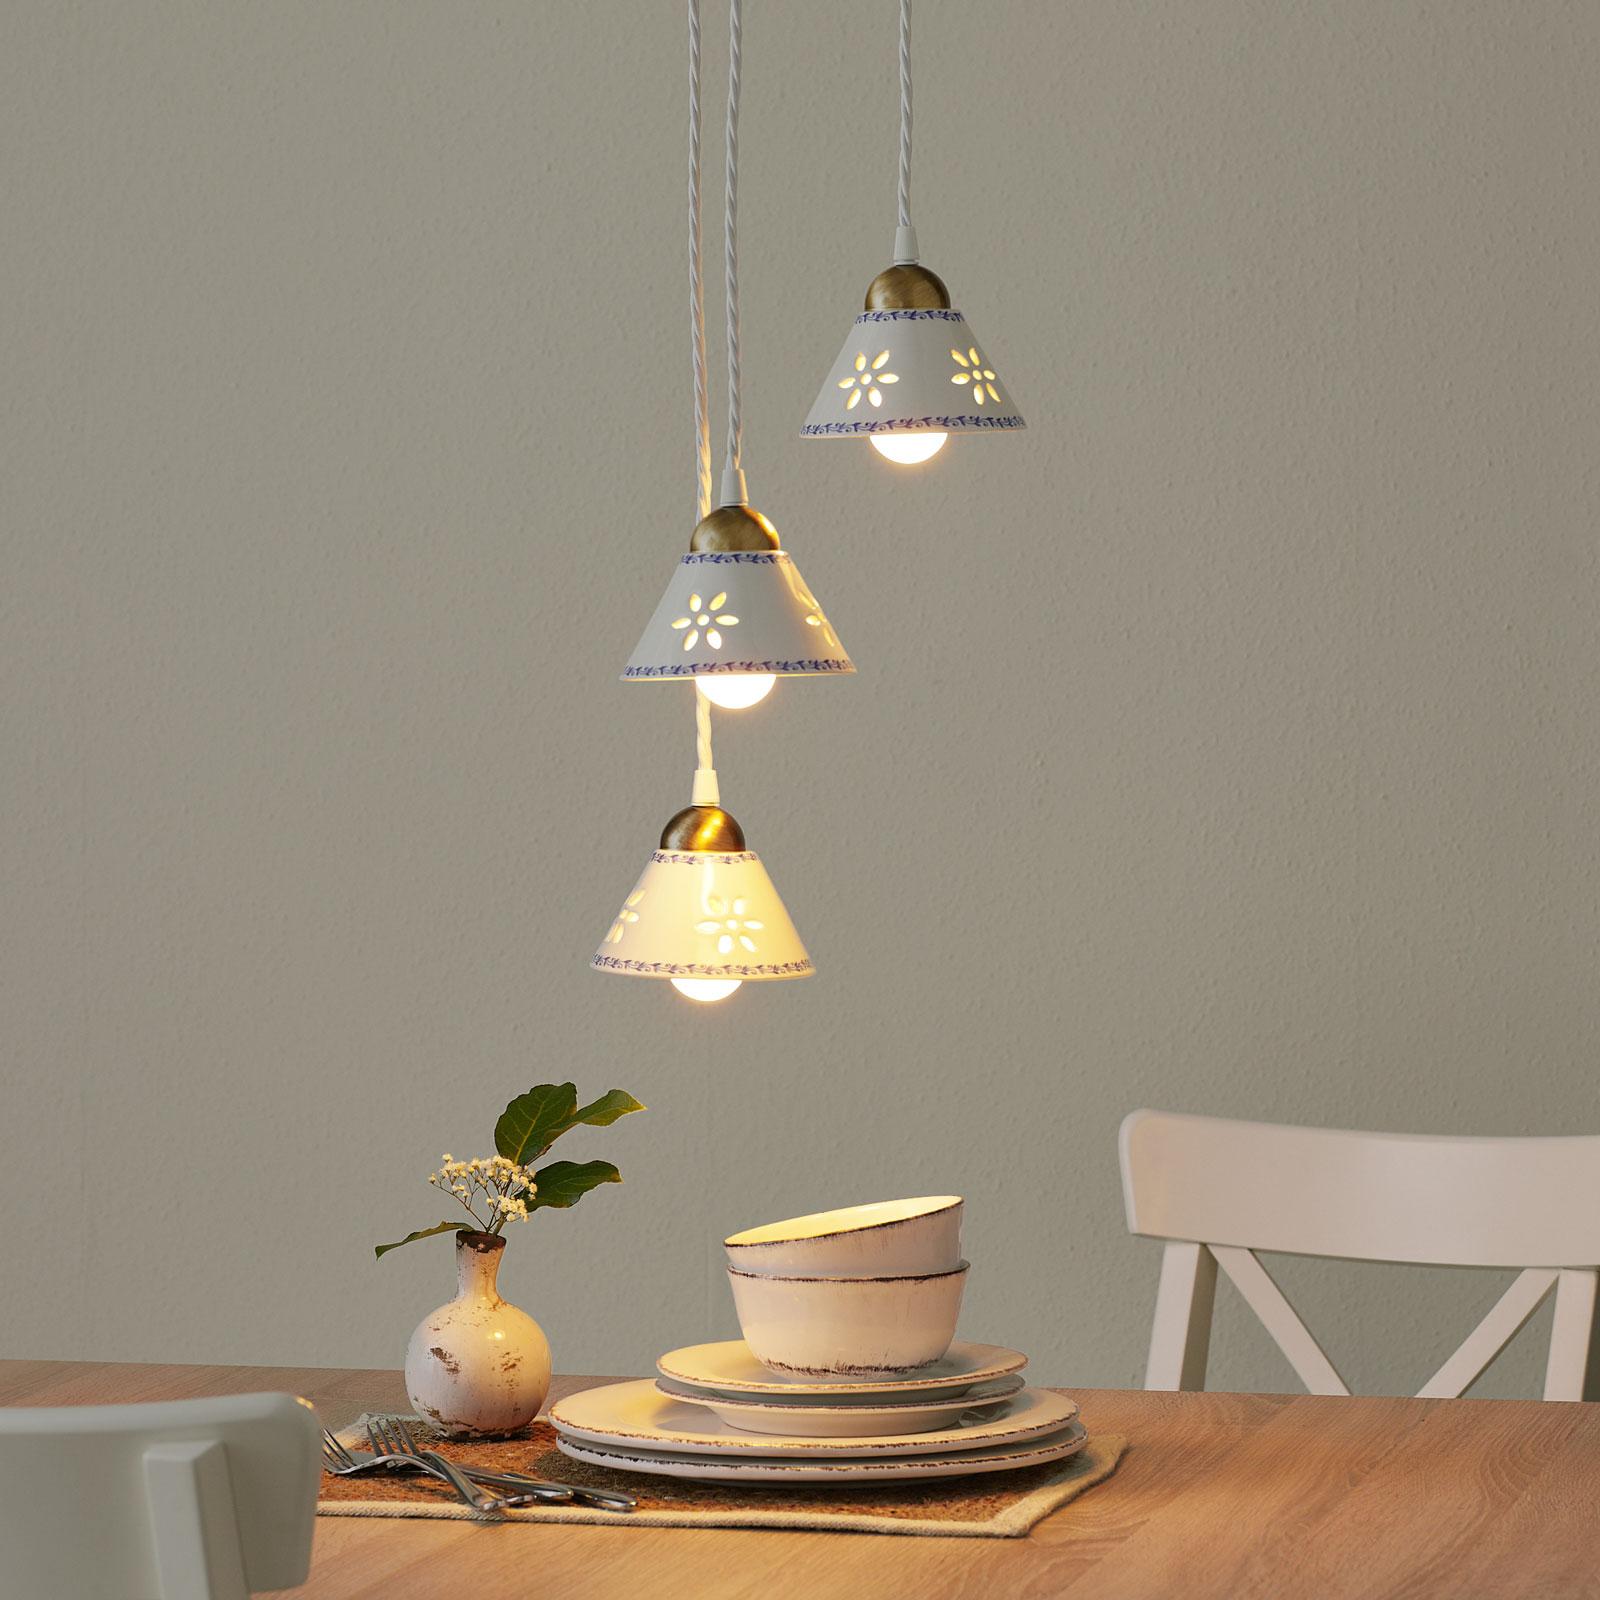 NONNA hengelampe i hvit keramikk og med tre lys